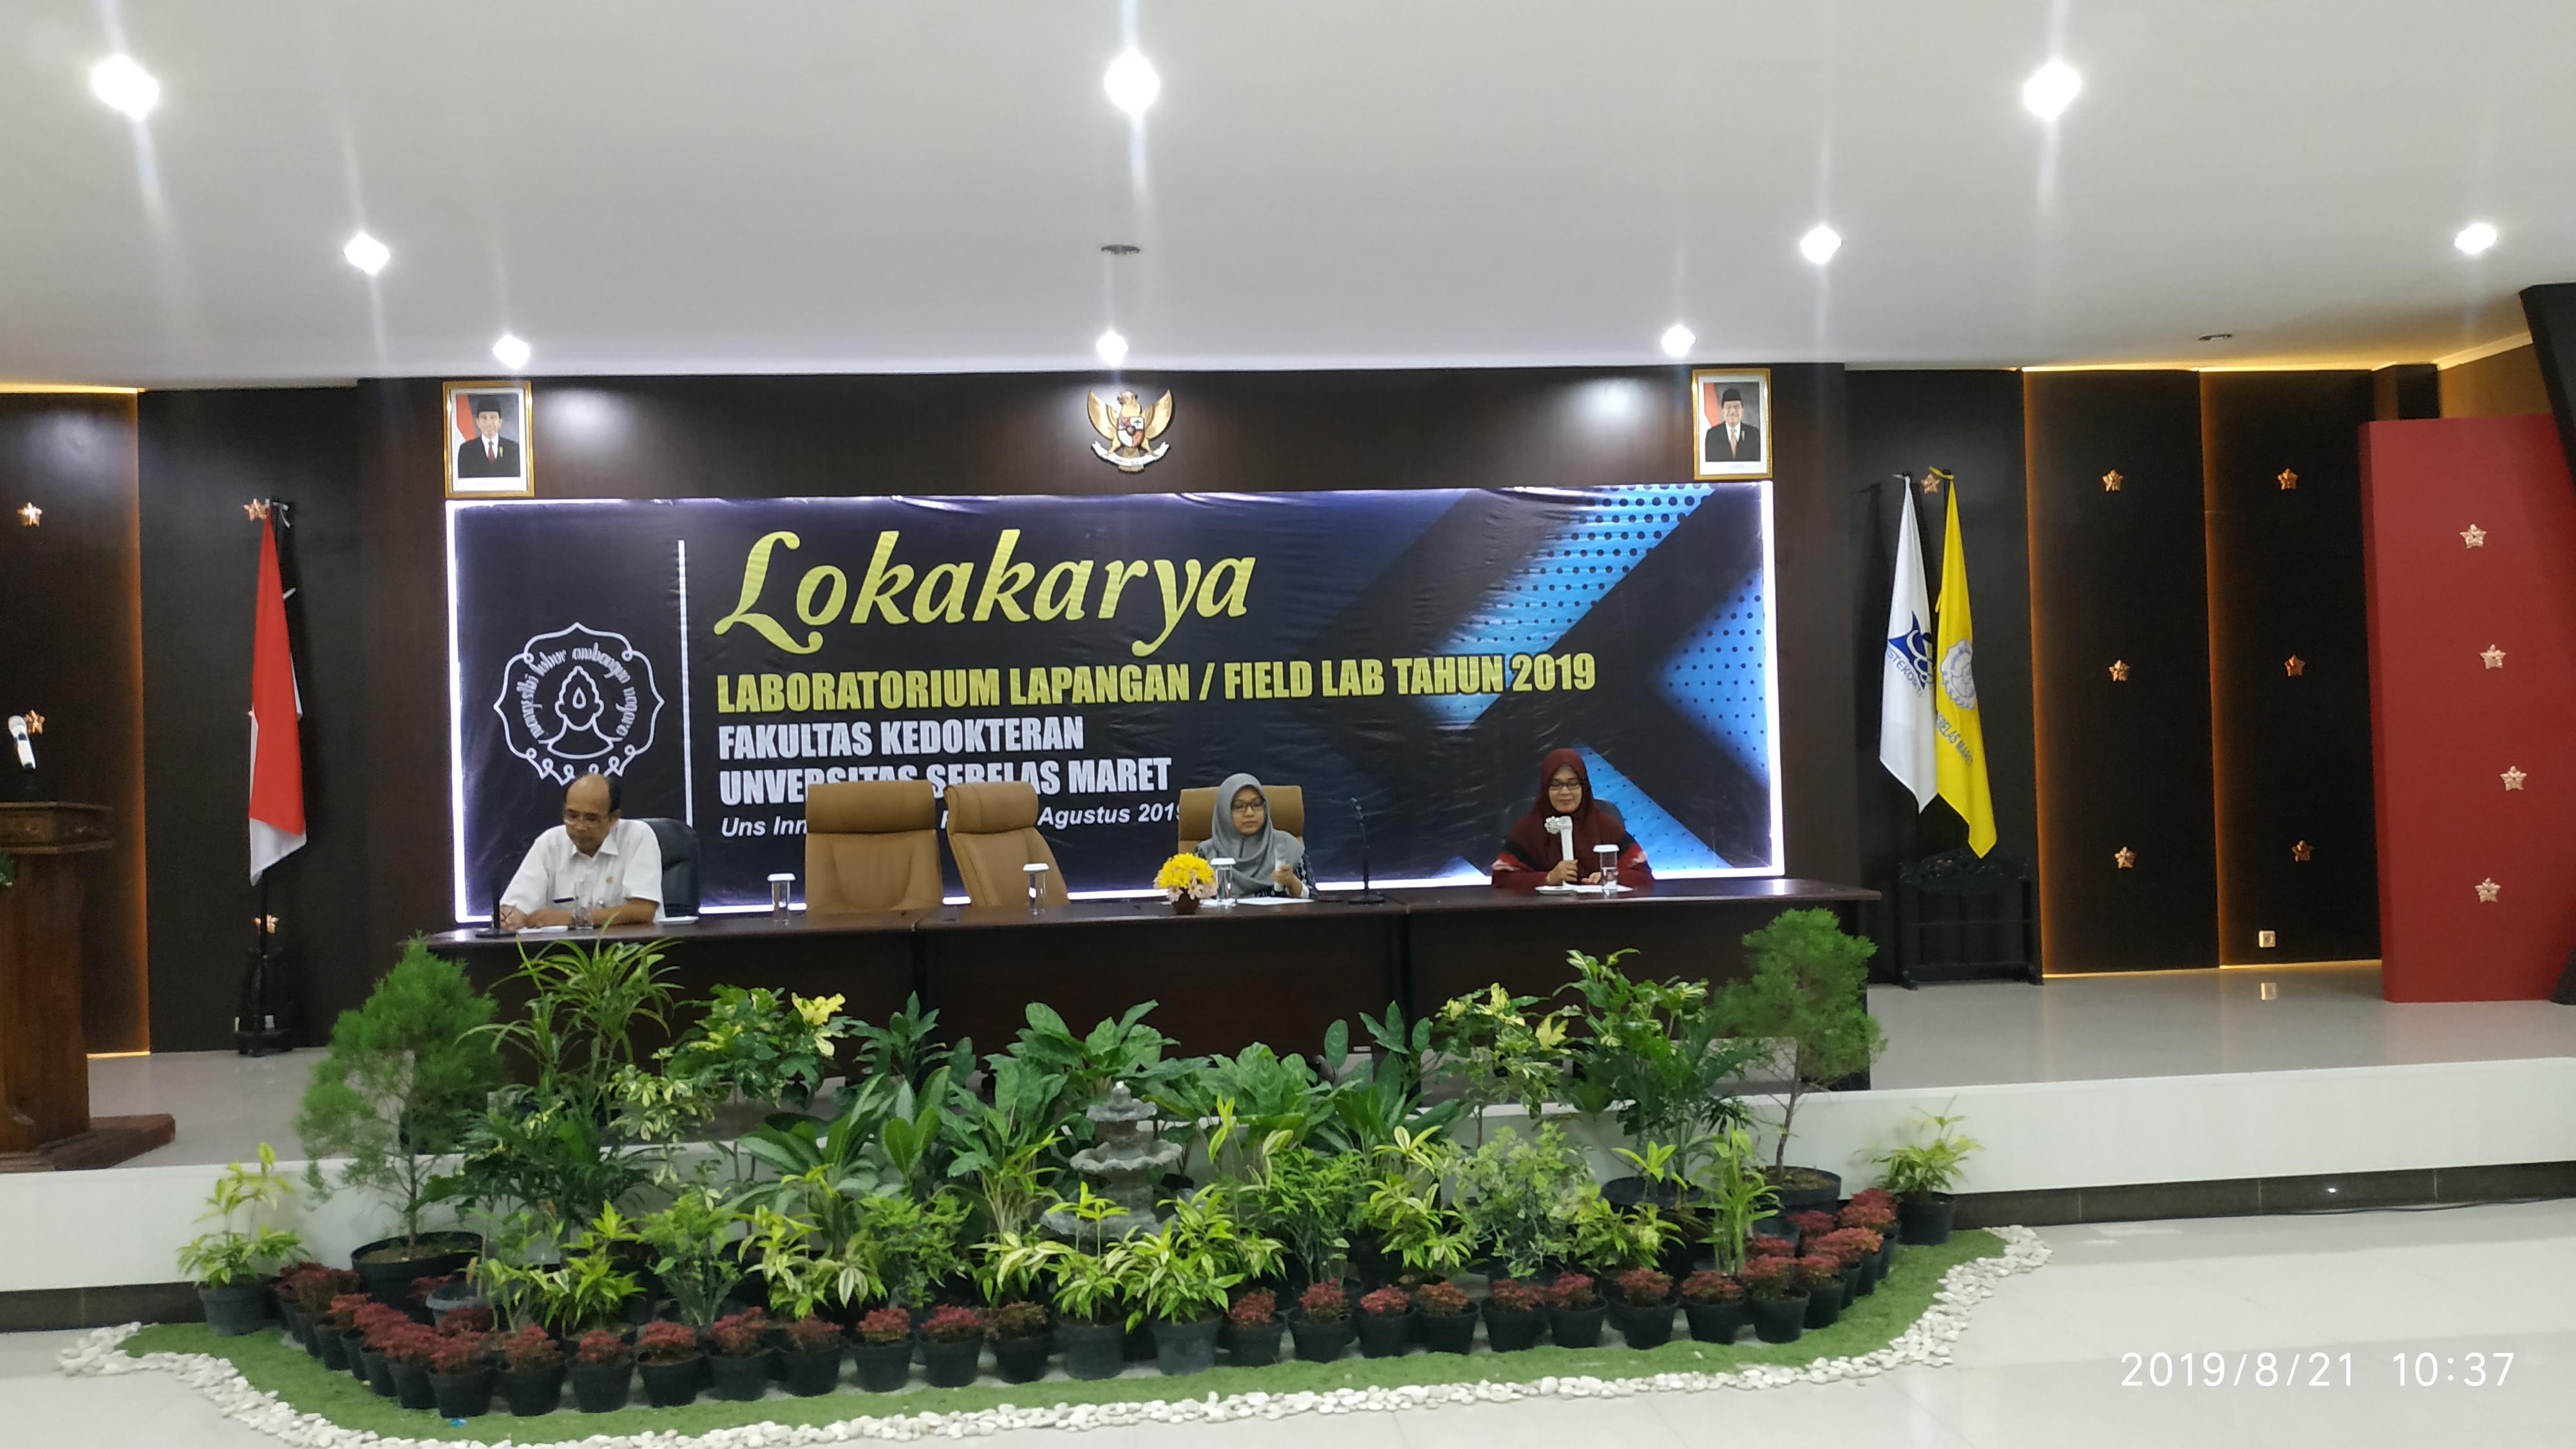 LOKAKARYA LABORATORIUM LAPANGAN / FIELD LAB 2019